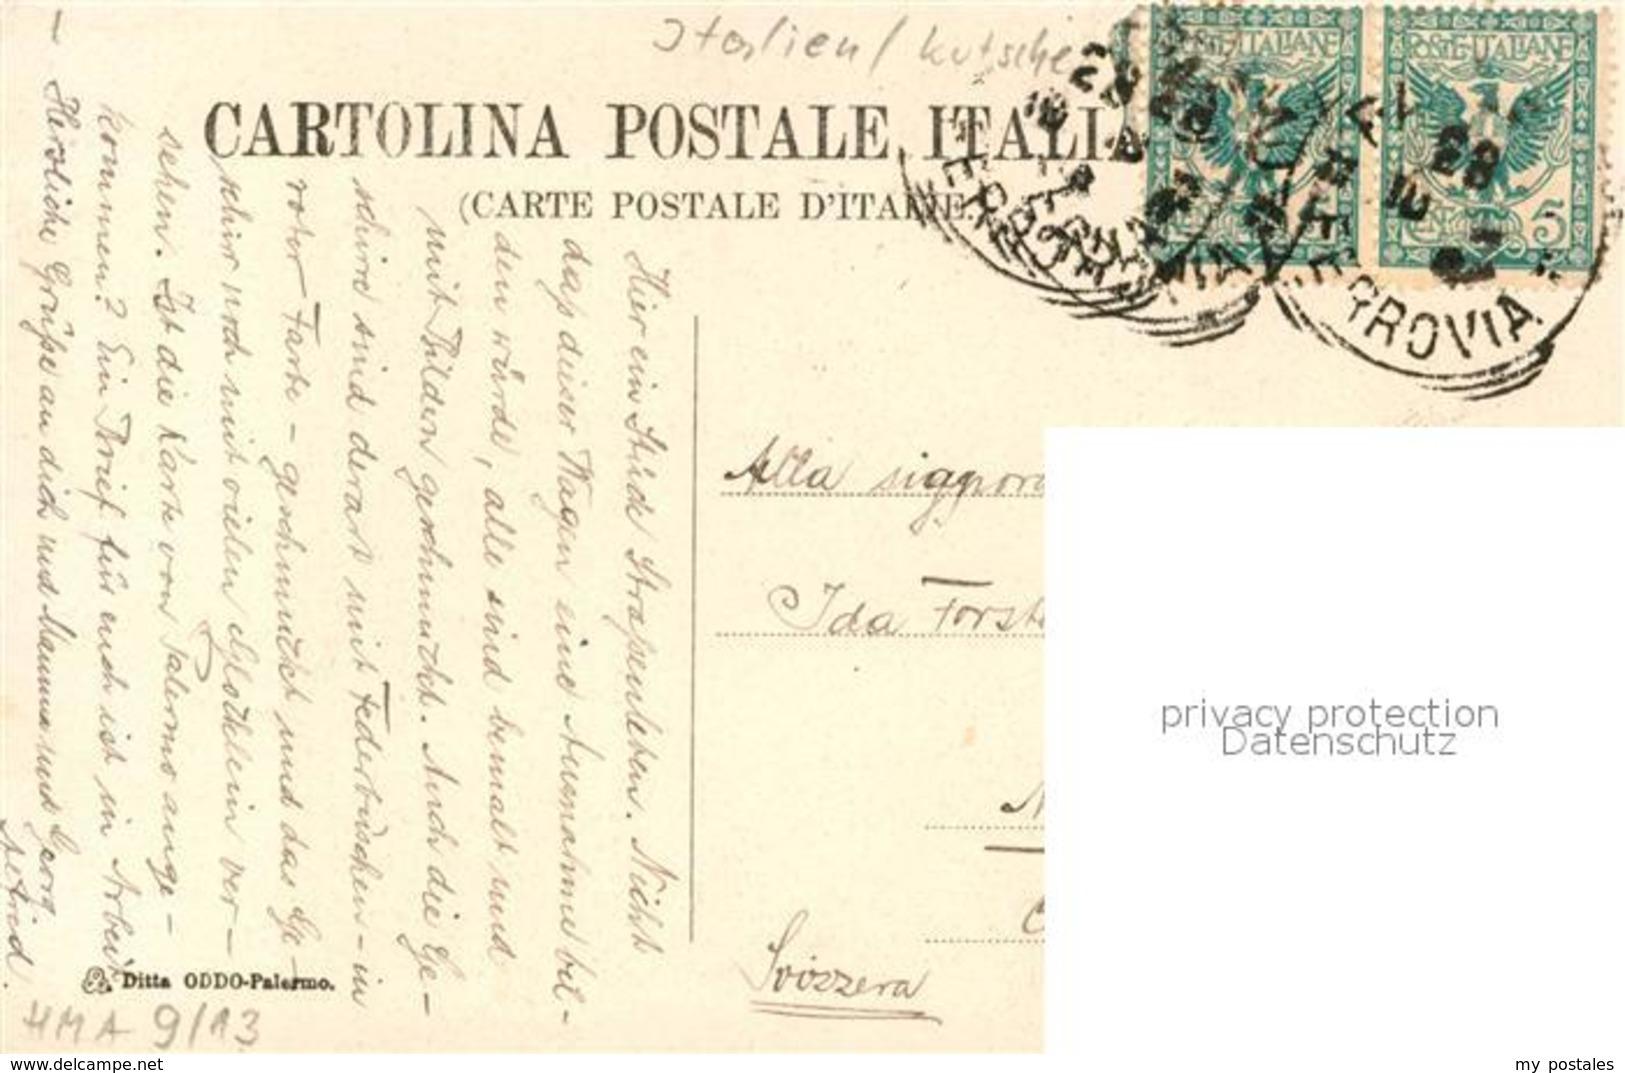 43532883 Palermo_Sicilia Carro Siciliano Palermo_Sicilia - Unclassified